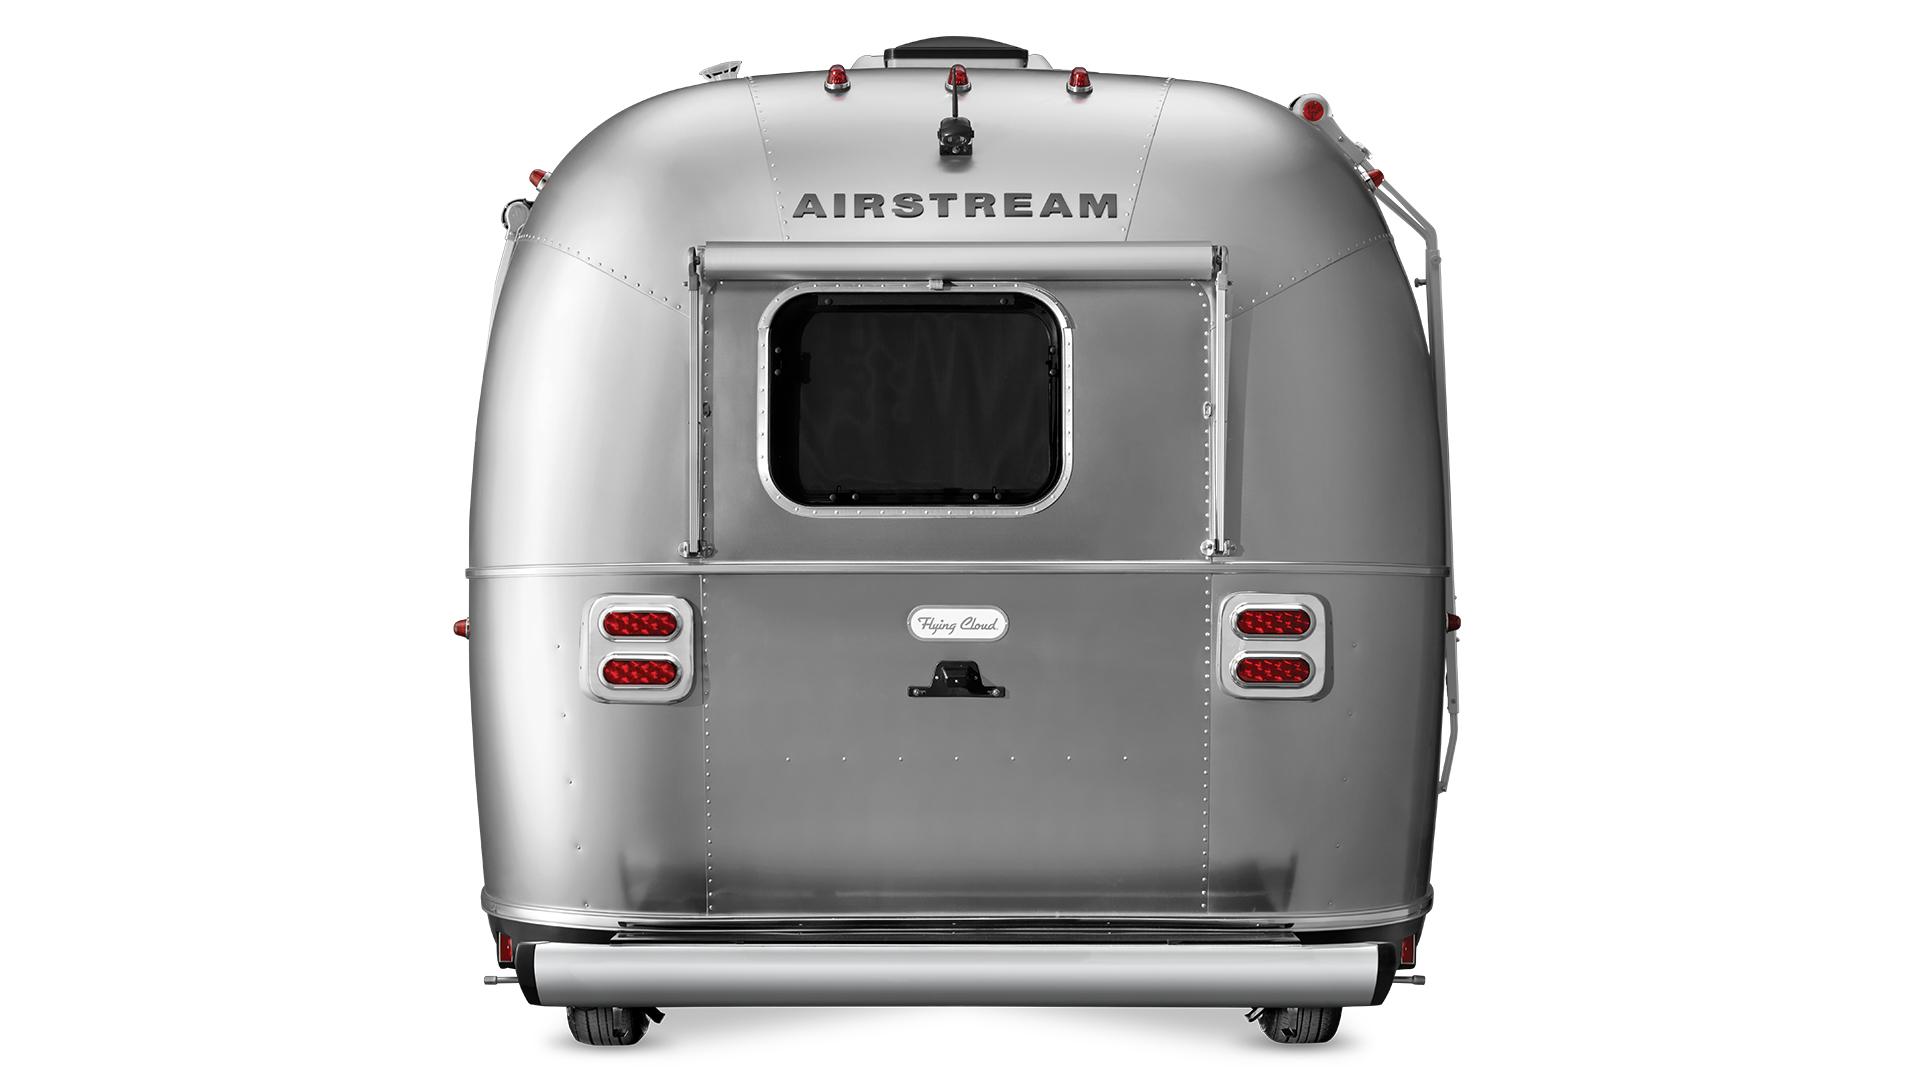 Airstream-Flying-Cloud-Rear-End-Cap-Bumper-Exterior